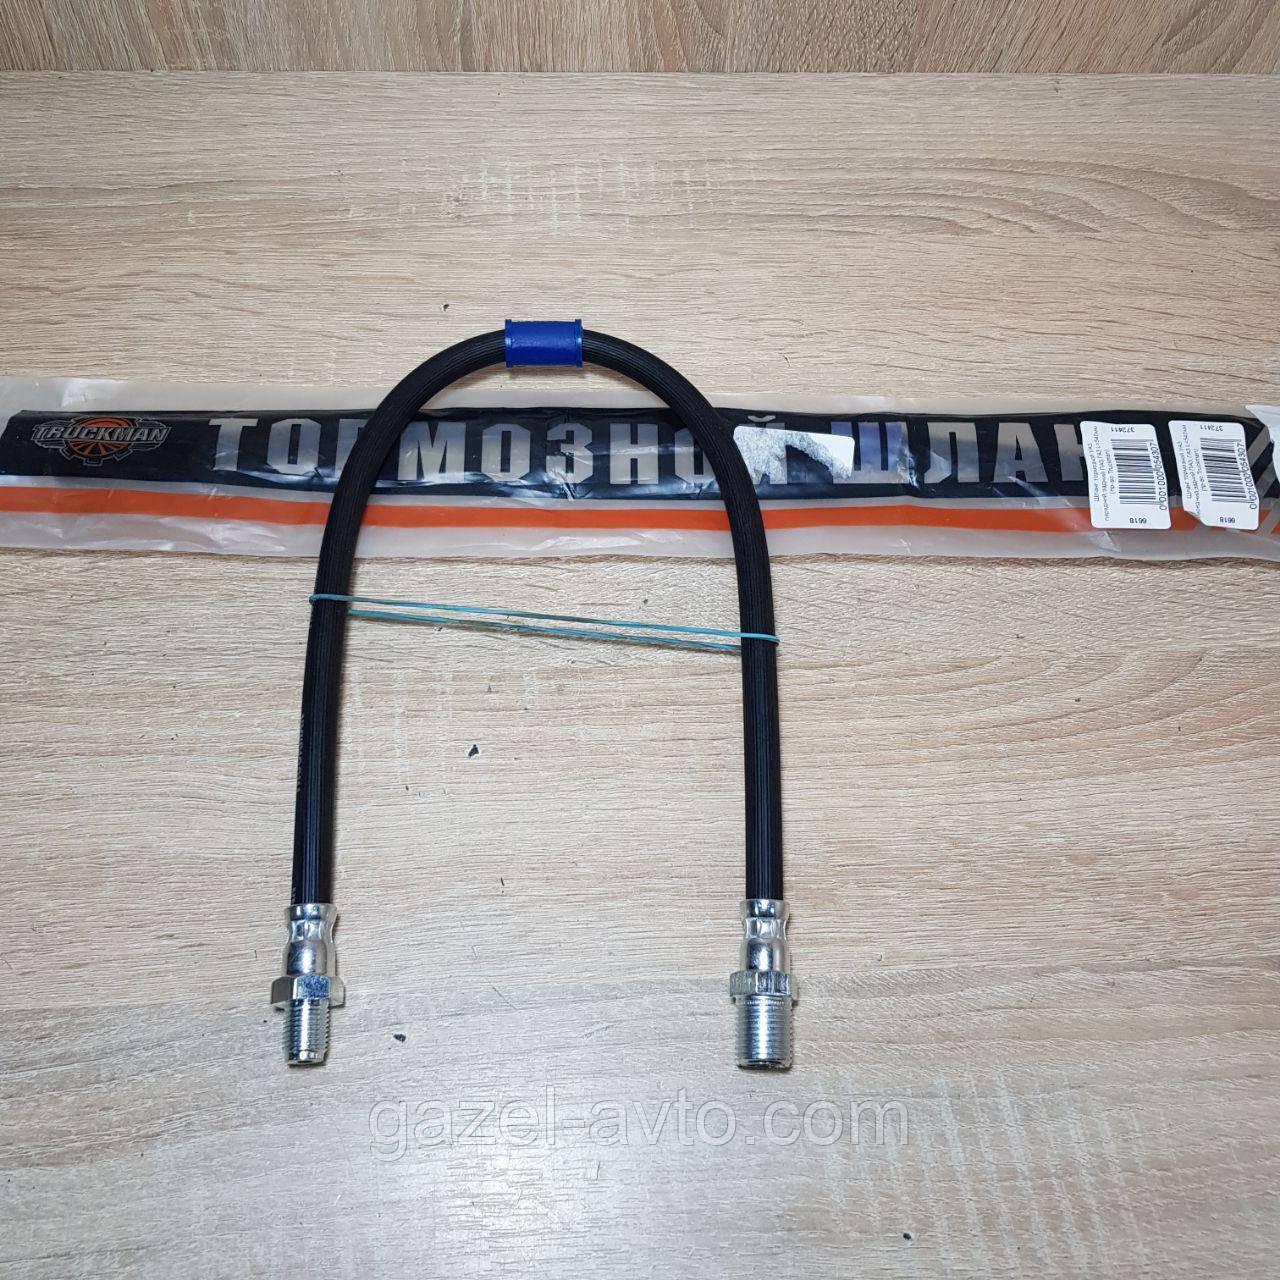 Шланг тормозной УАЗ передний,задний ПАЗ,ГАЗ 2401 21  L=540мм (пр-во Truckman)